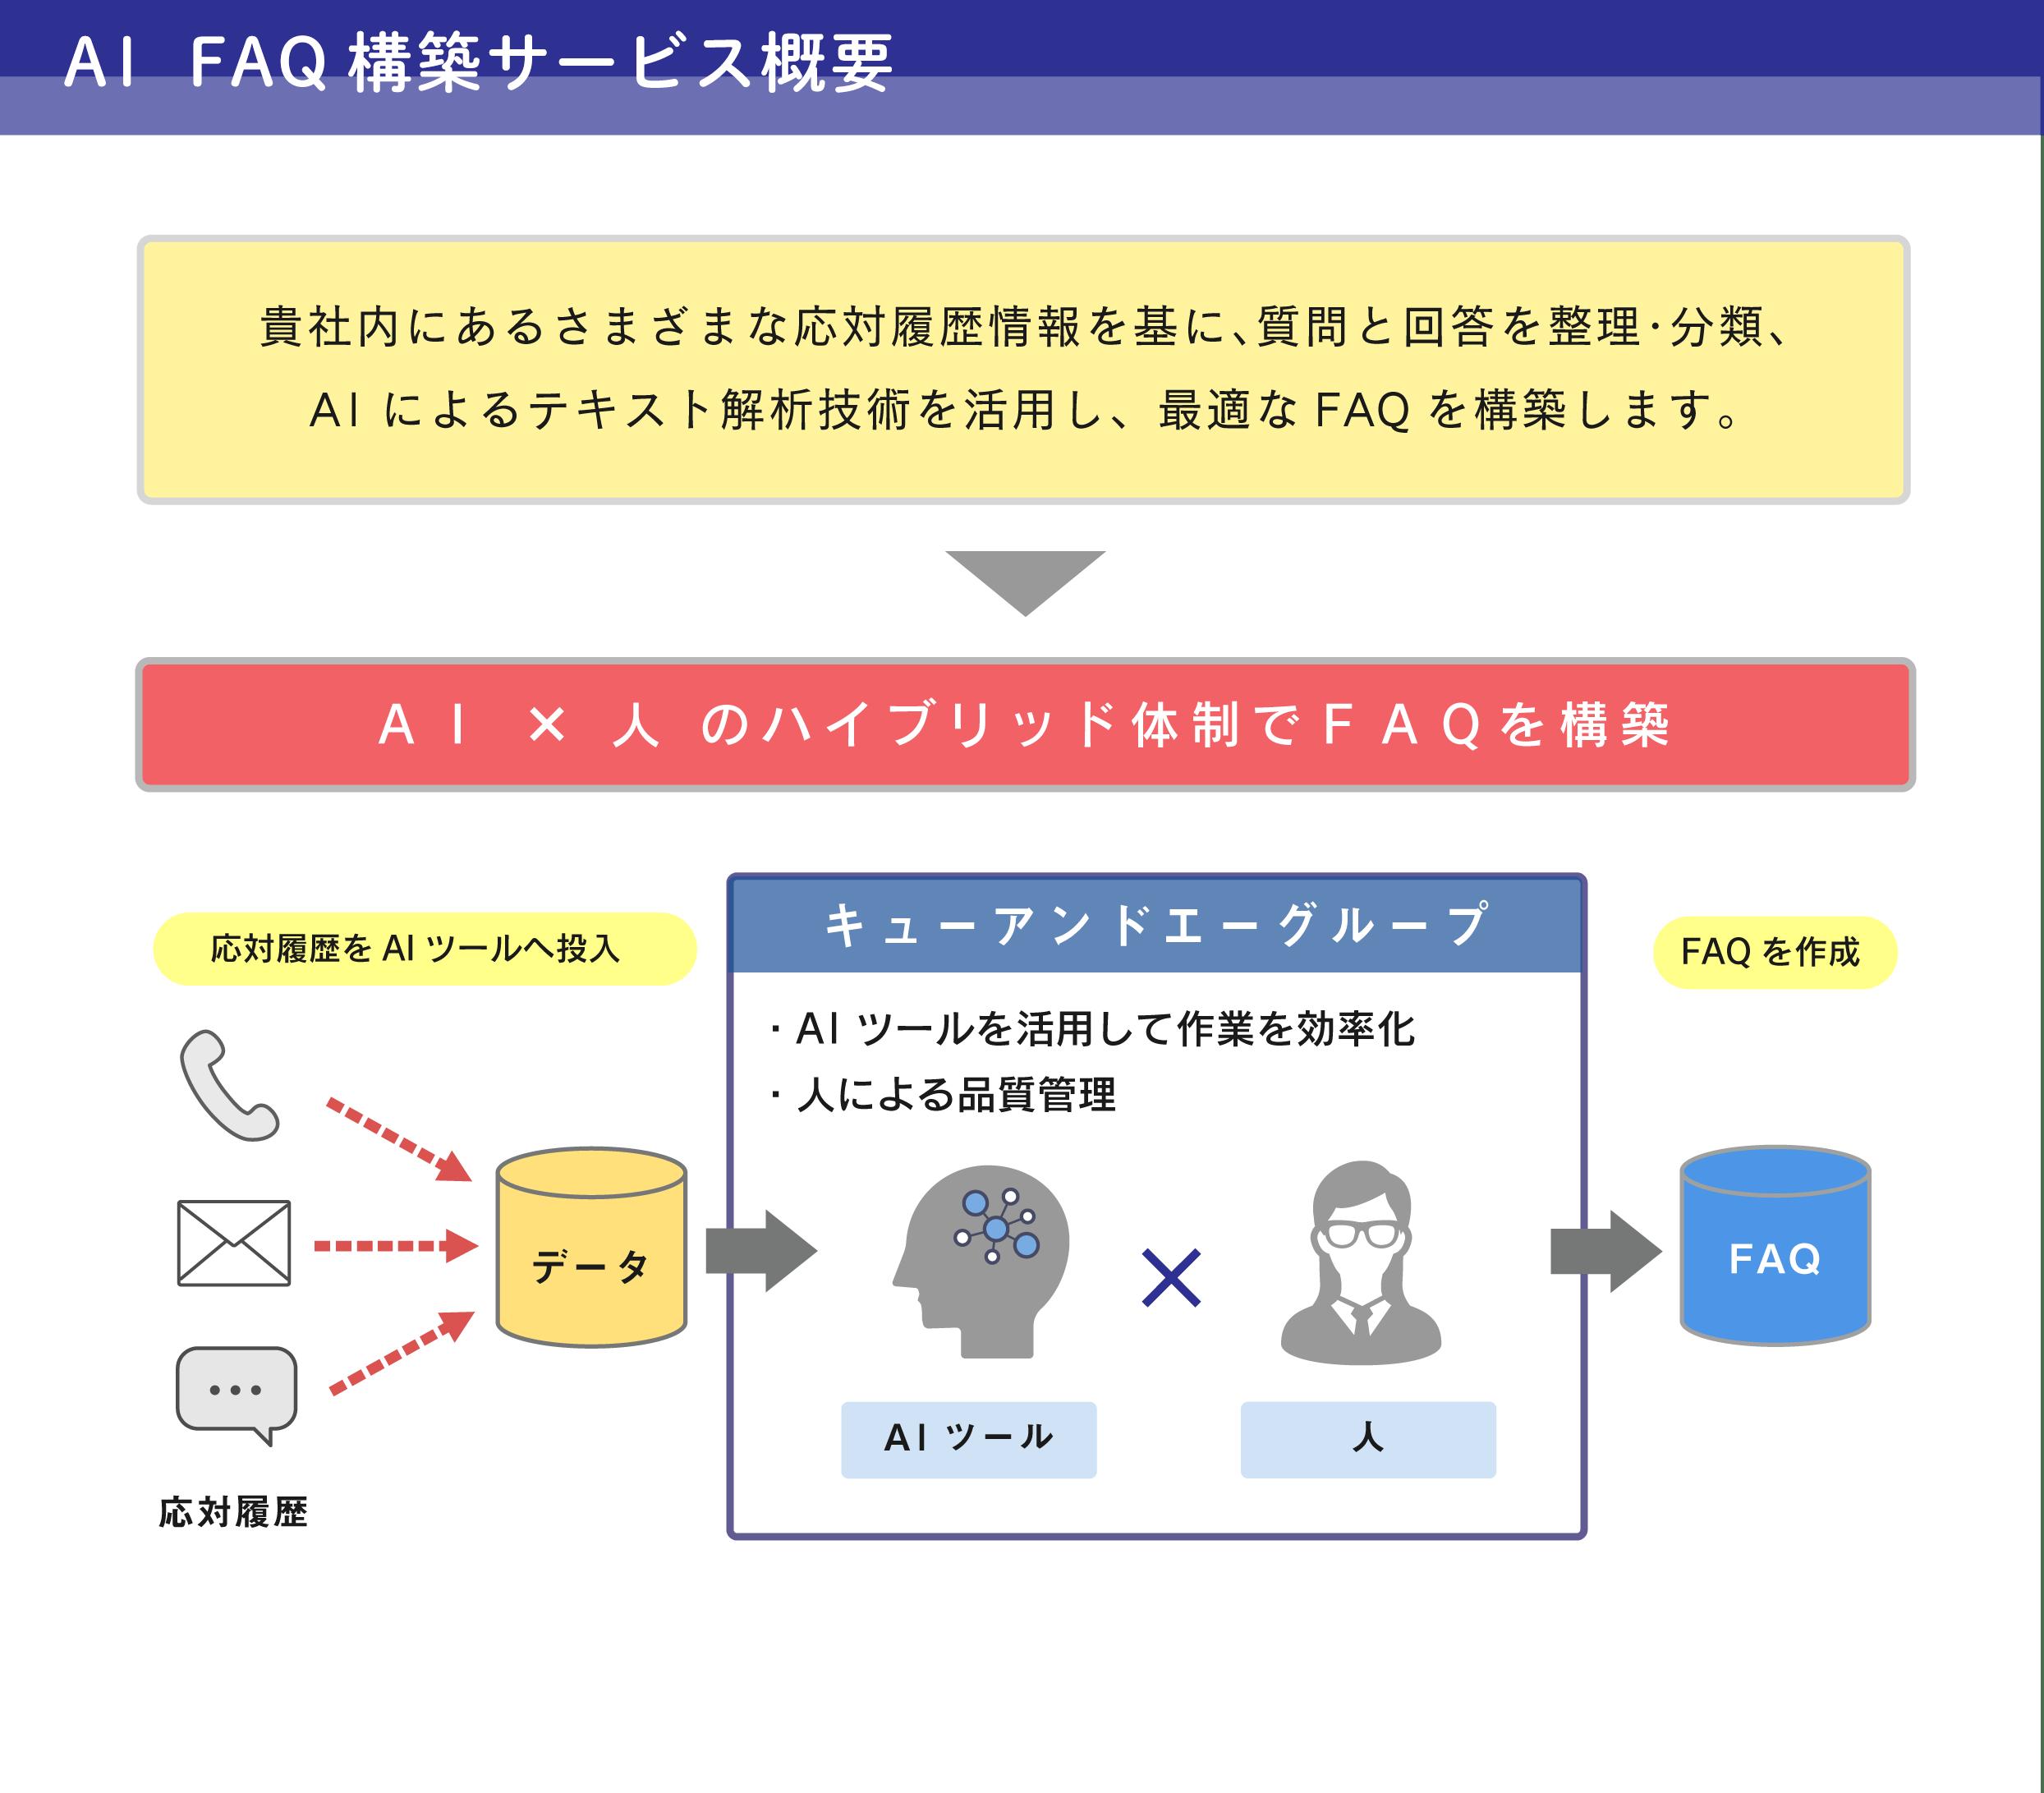 AI_FAQ讒狗ッ・1-1